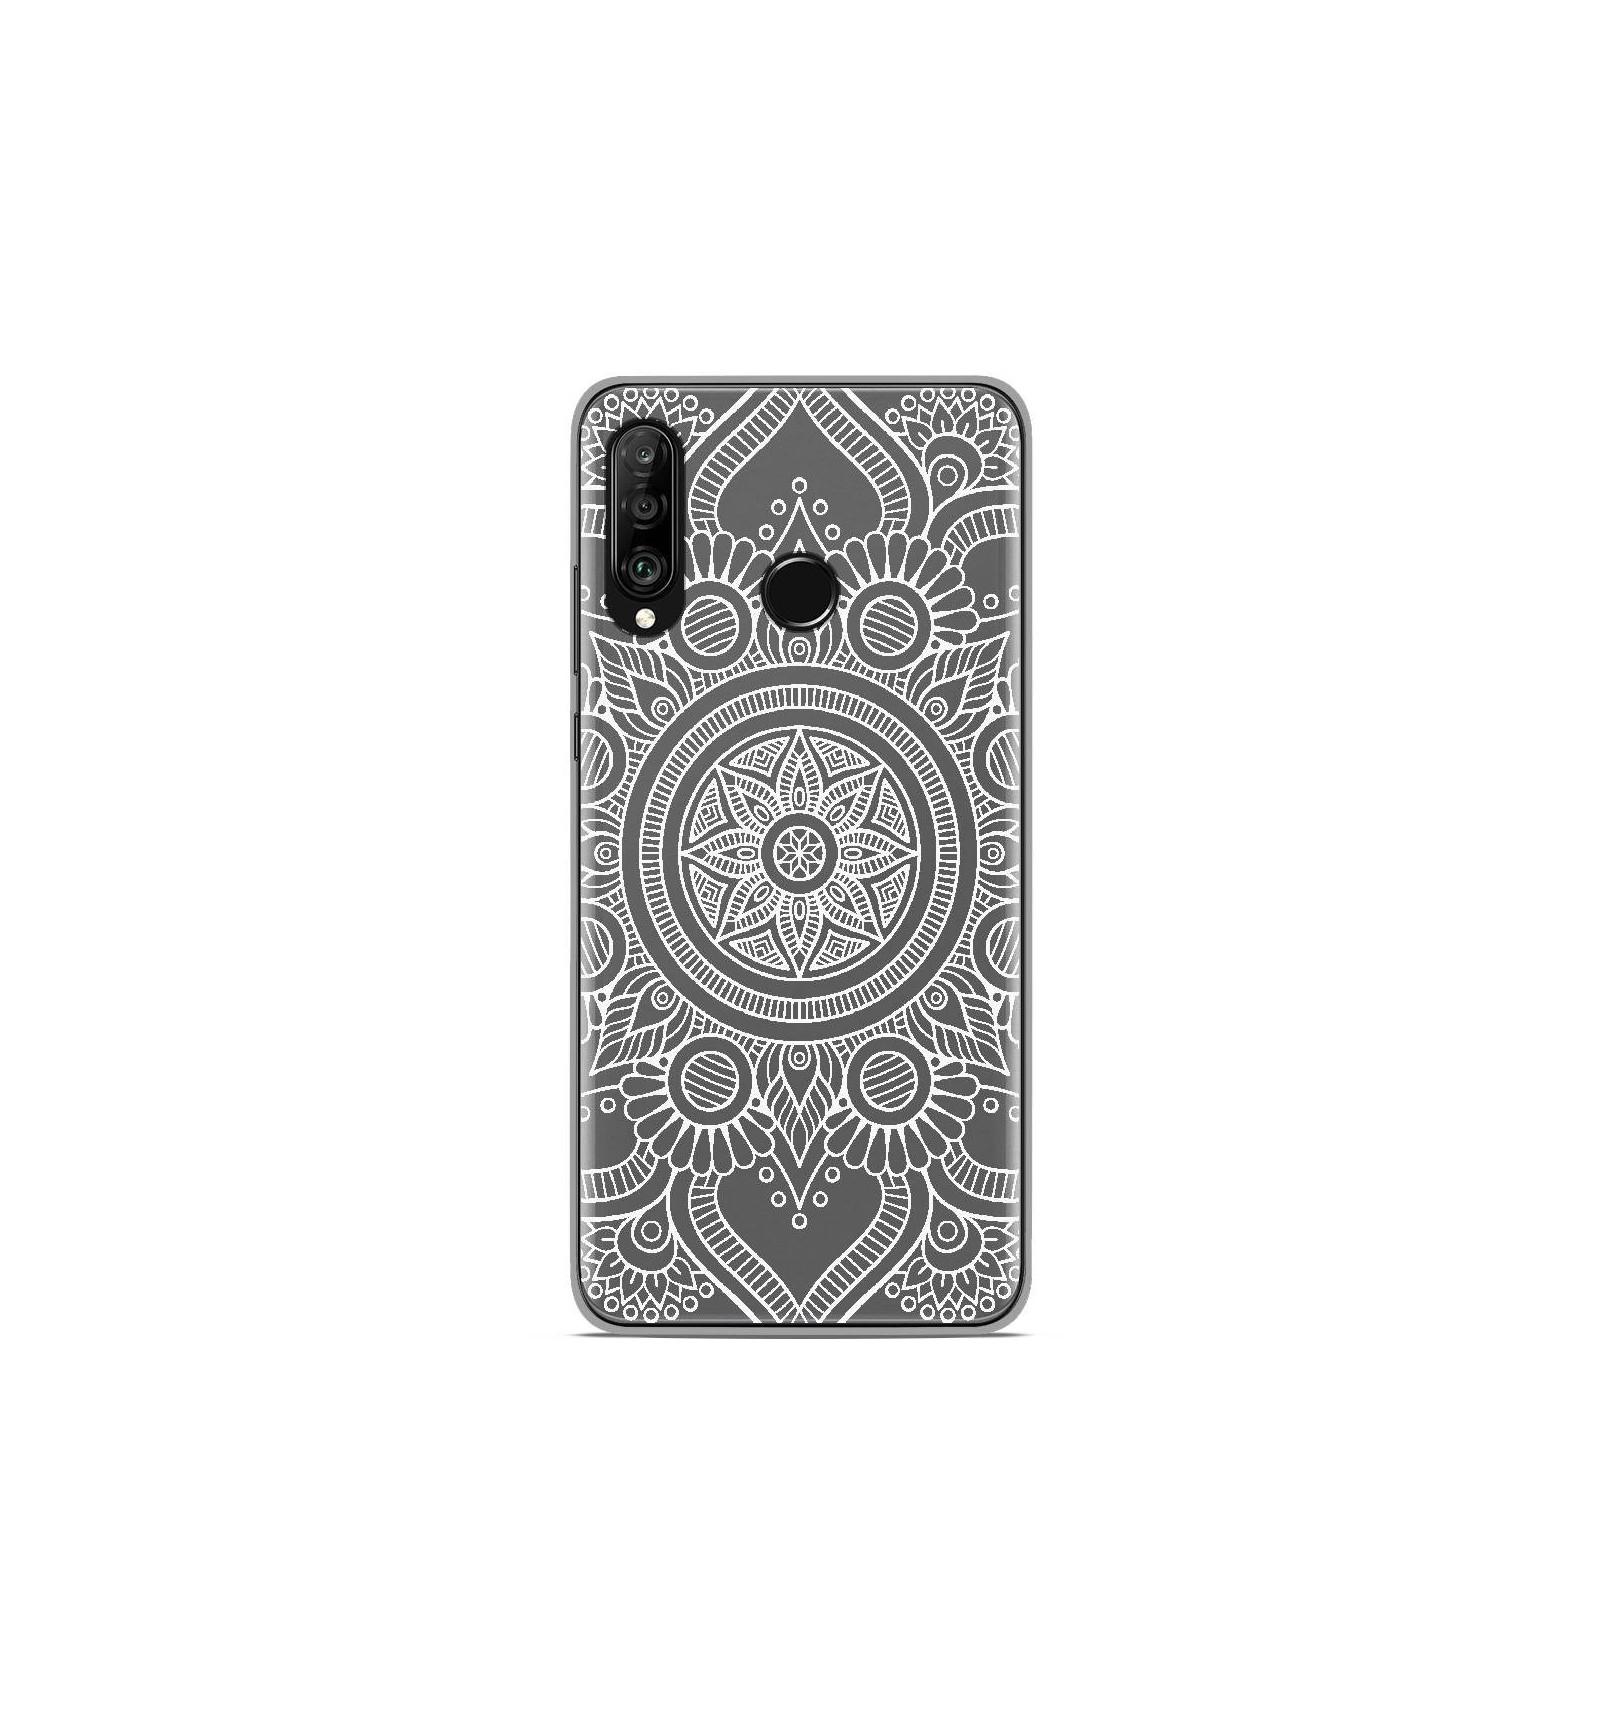 Coque en silicone Huawei P30 Lite - Mandala blanc